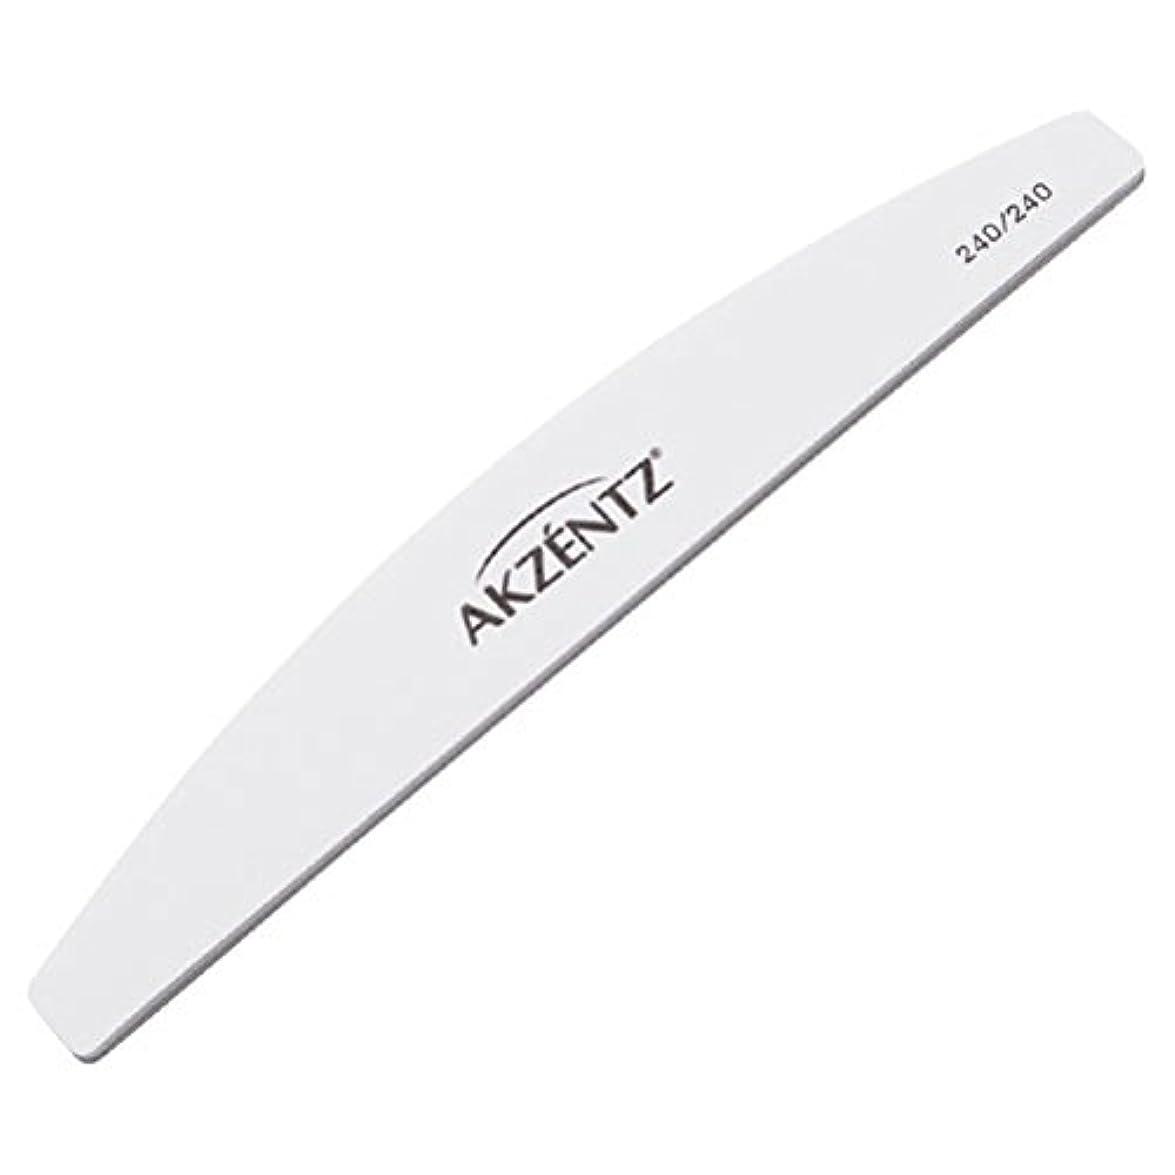 与えるコミュニティ神社AKZENTZ ファイル アーチホワイト 240/240